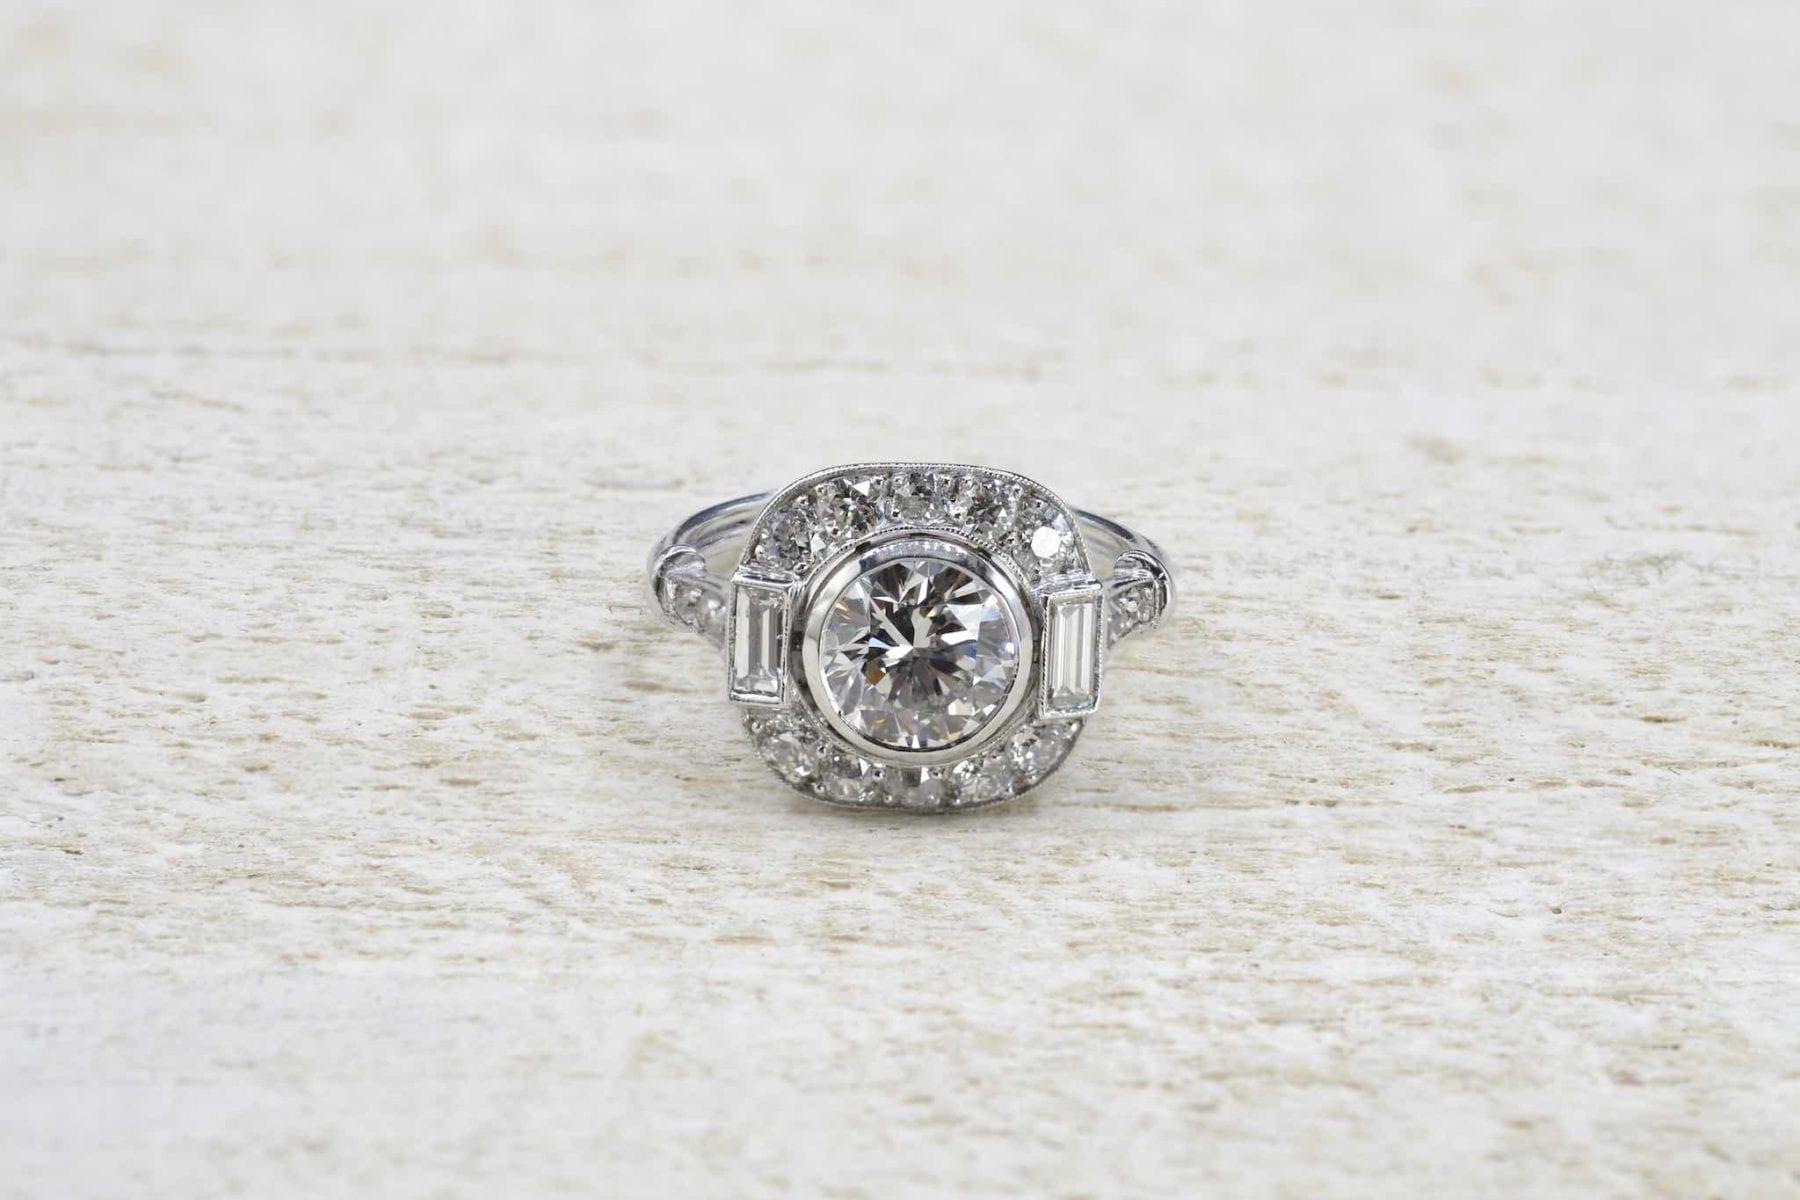 Bague vintage diamants taille ancienne